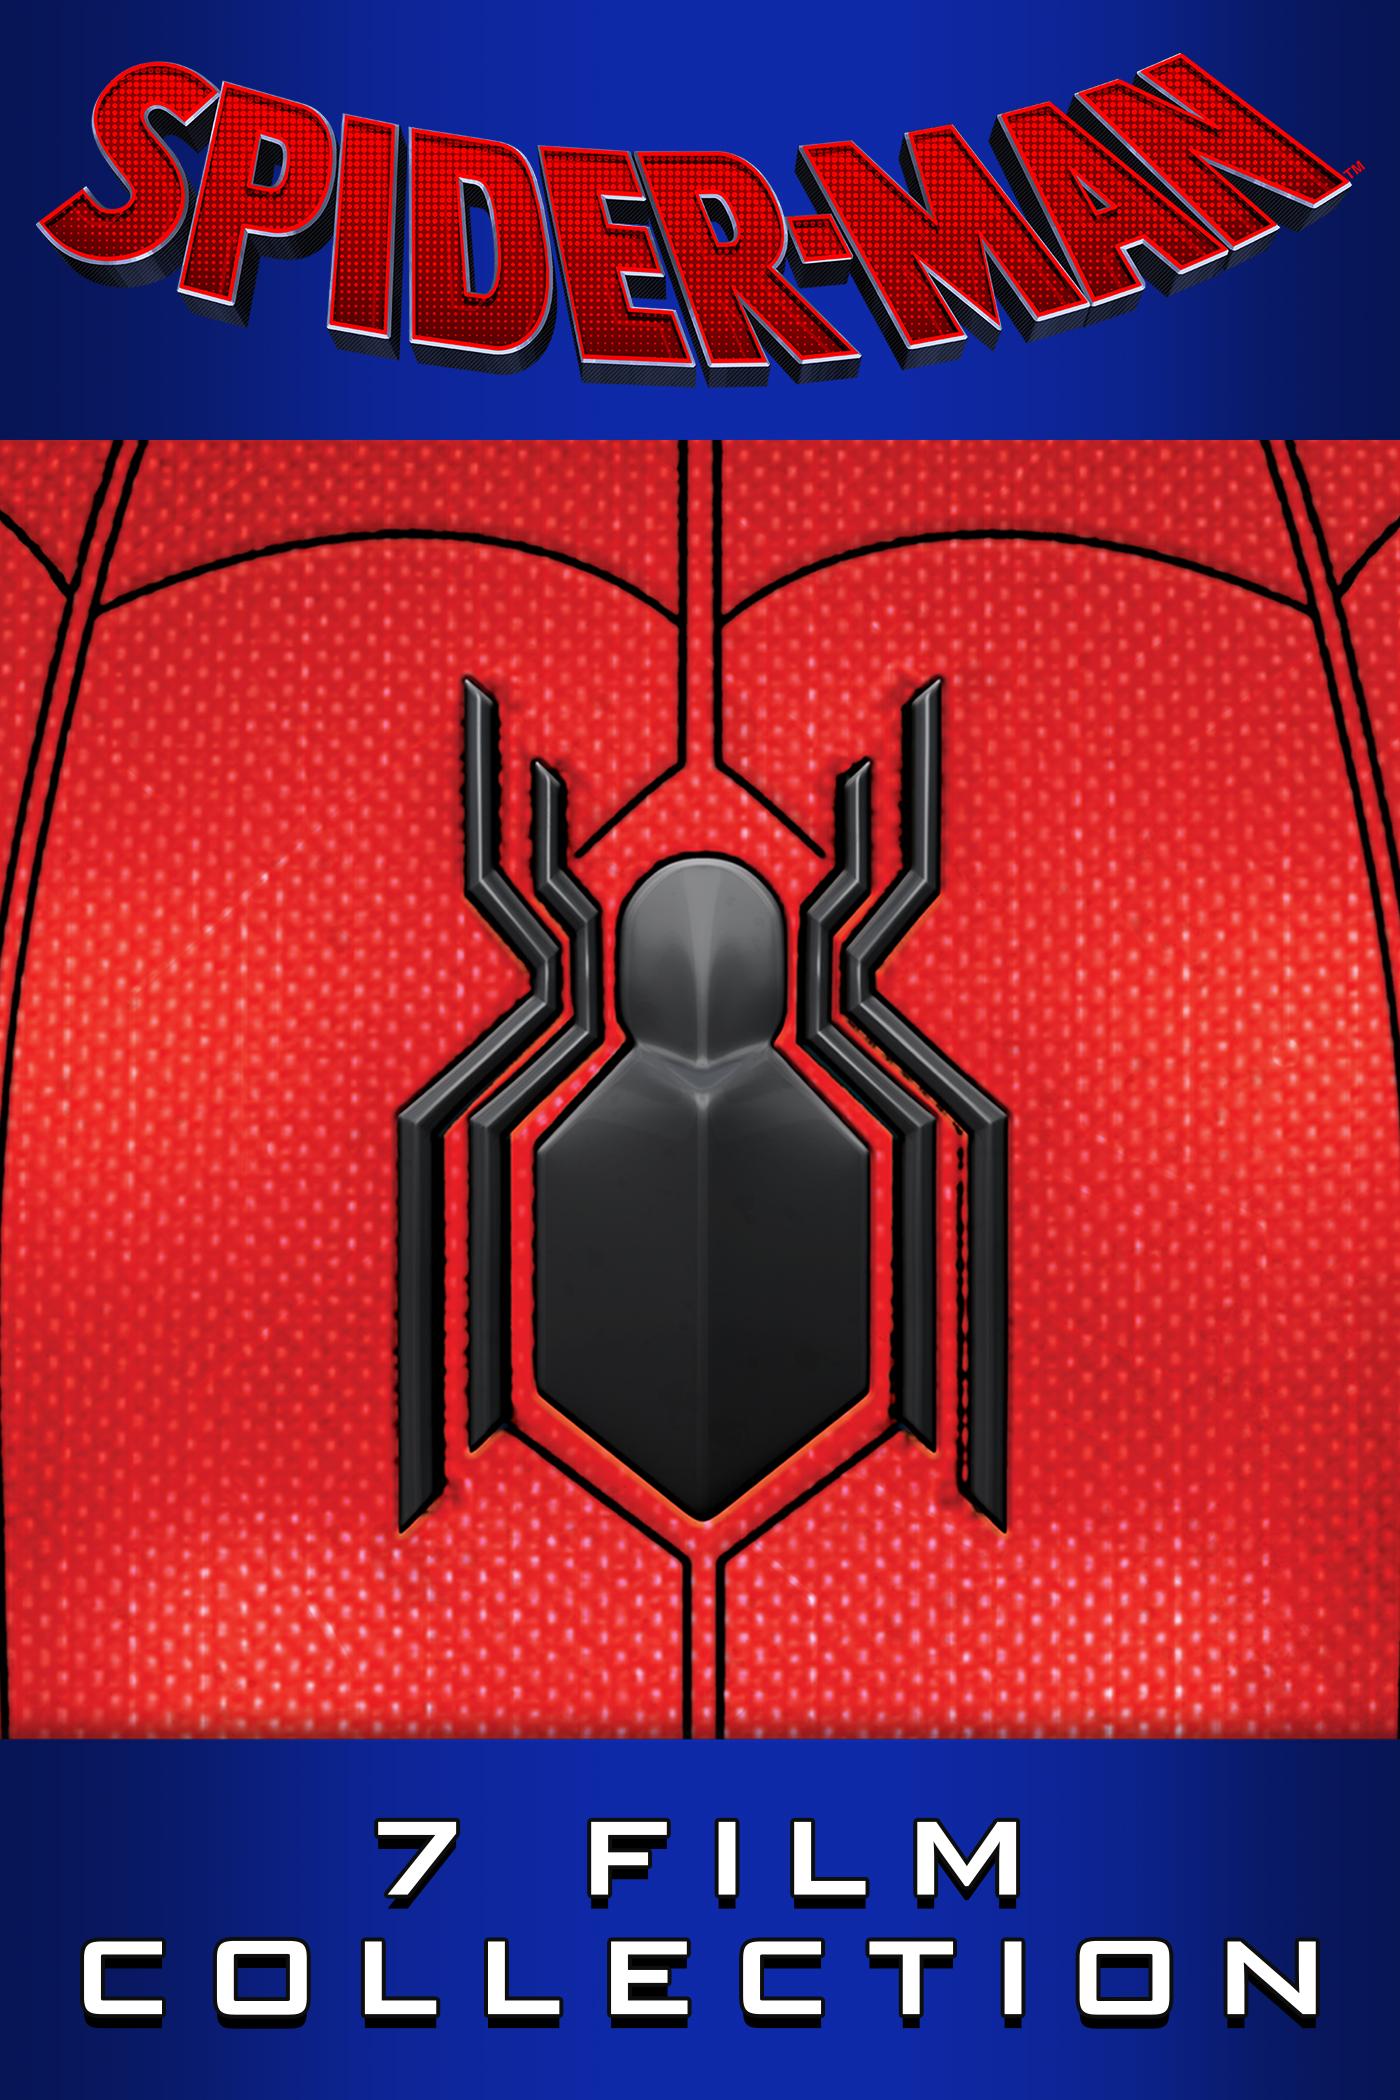 Spider-Man - 7 Film Collection